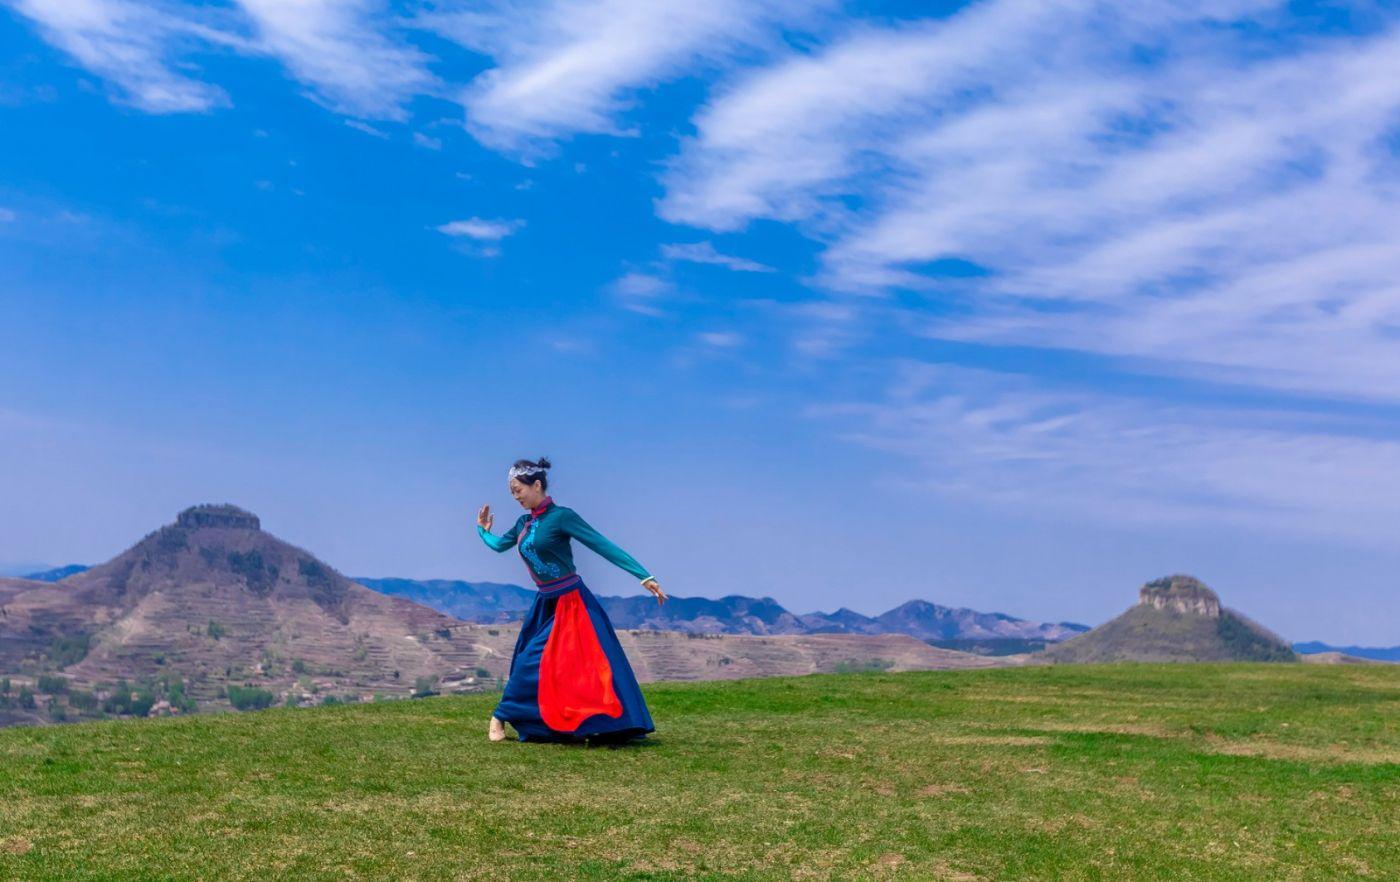 崮上草原有位女孩在翩翩起舞 她要和你邂逅在崮上花开的季节 ..._图1-26